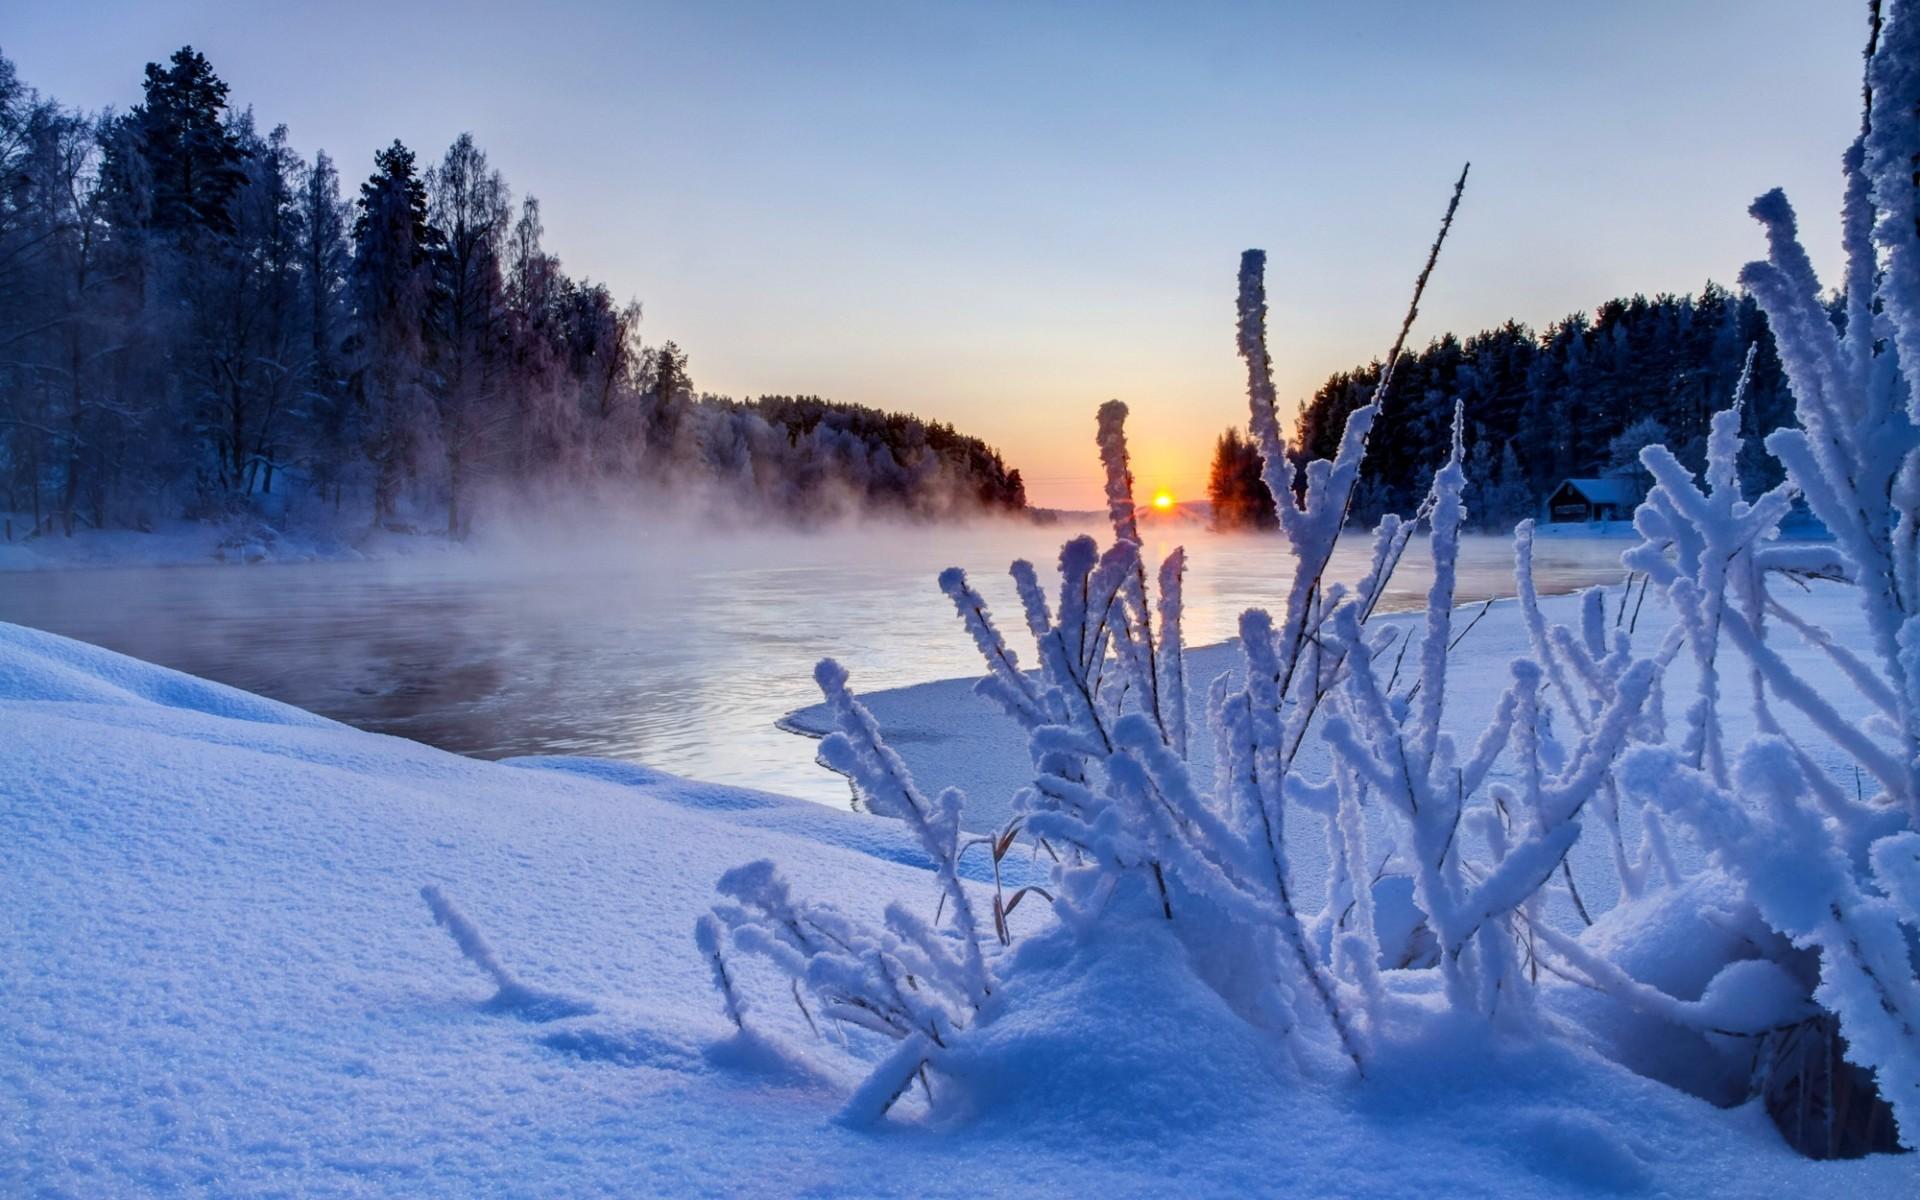 Beautiful Winter Sunset Scenery HD Wallpapers 1920x1200